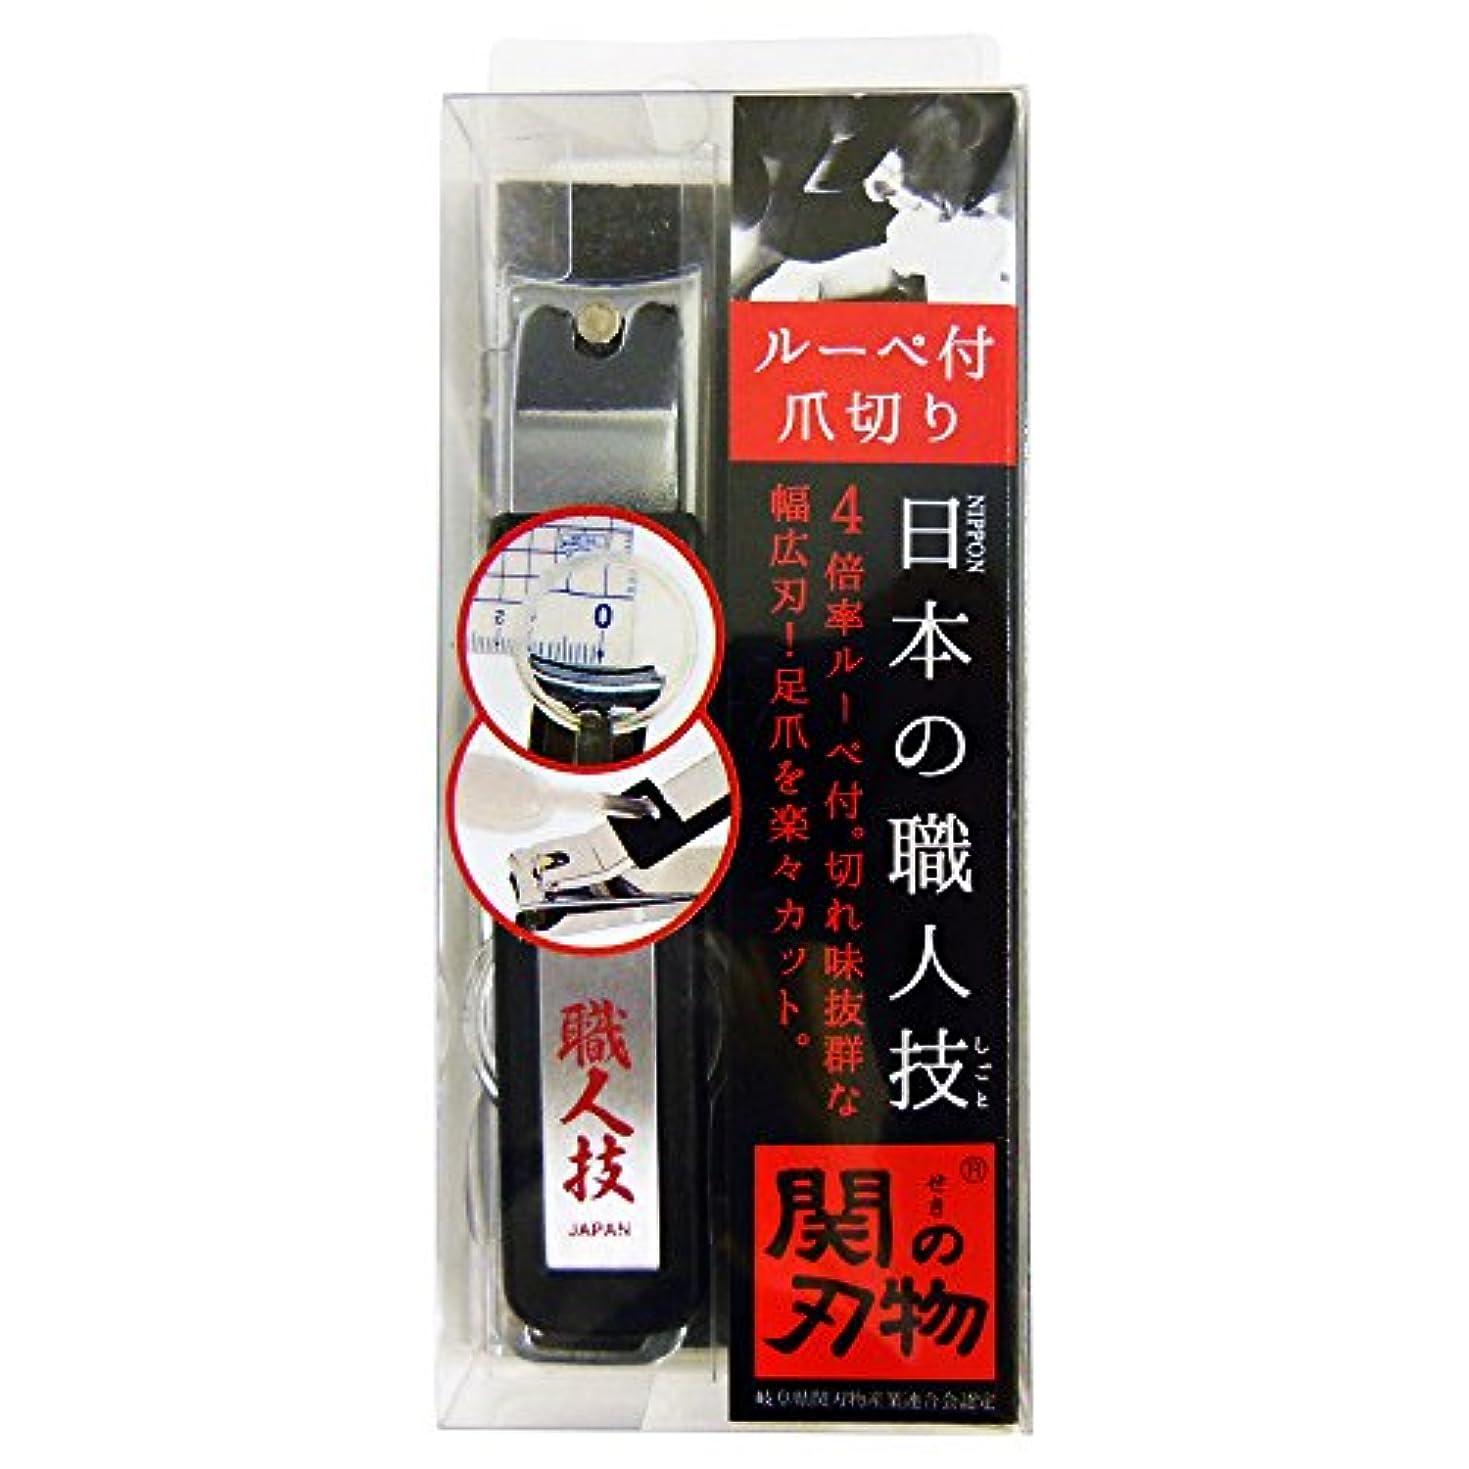 ワーディアンケースゴルフ銀行関の刃物 ルーペ付爪切り SK-07 (1個入)